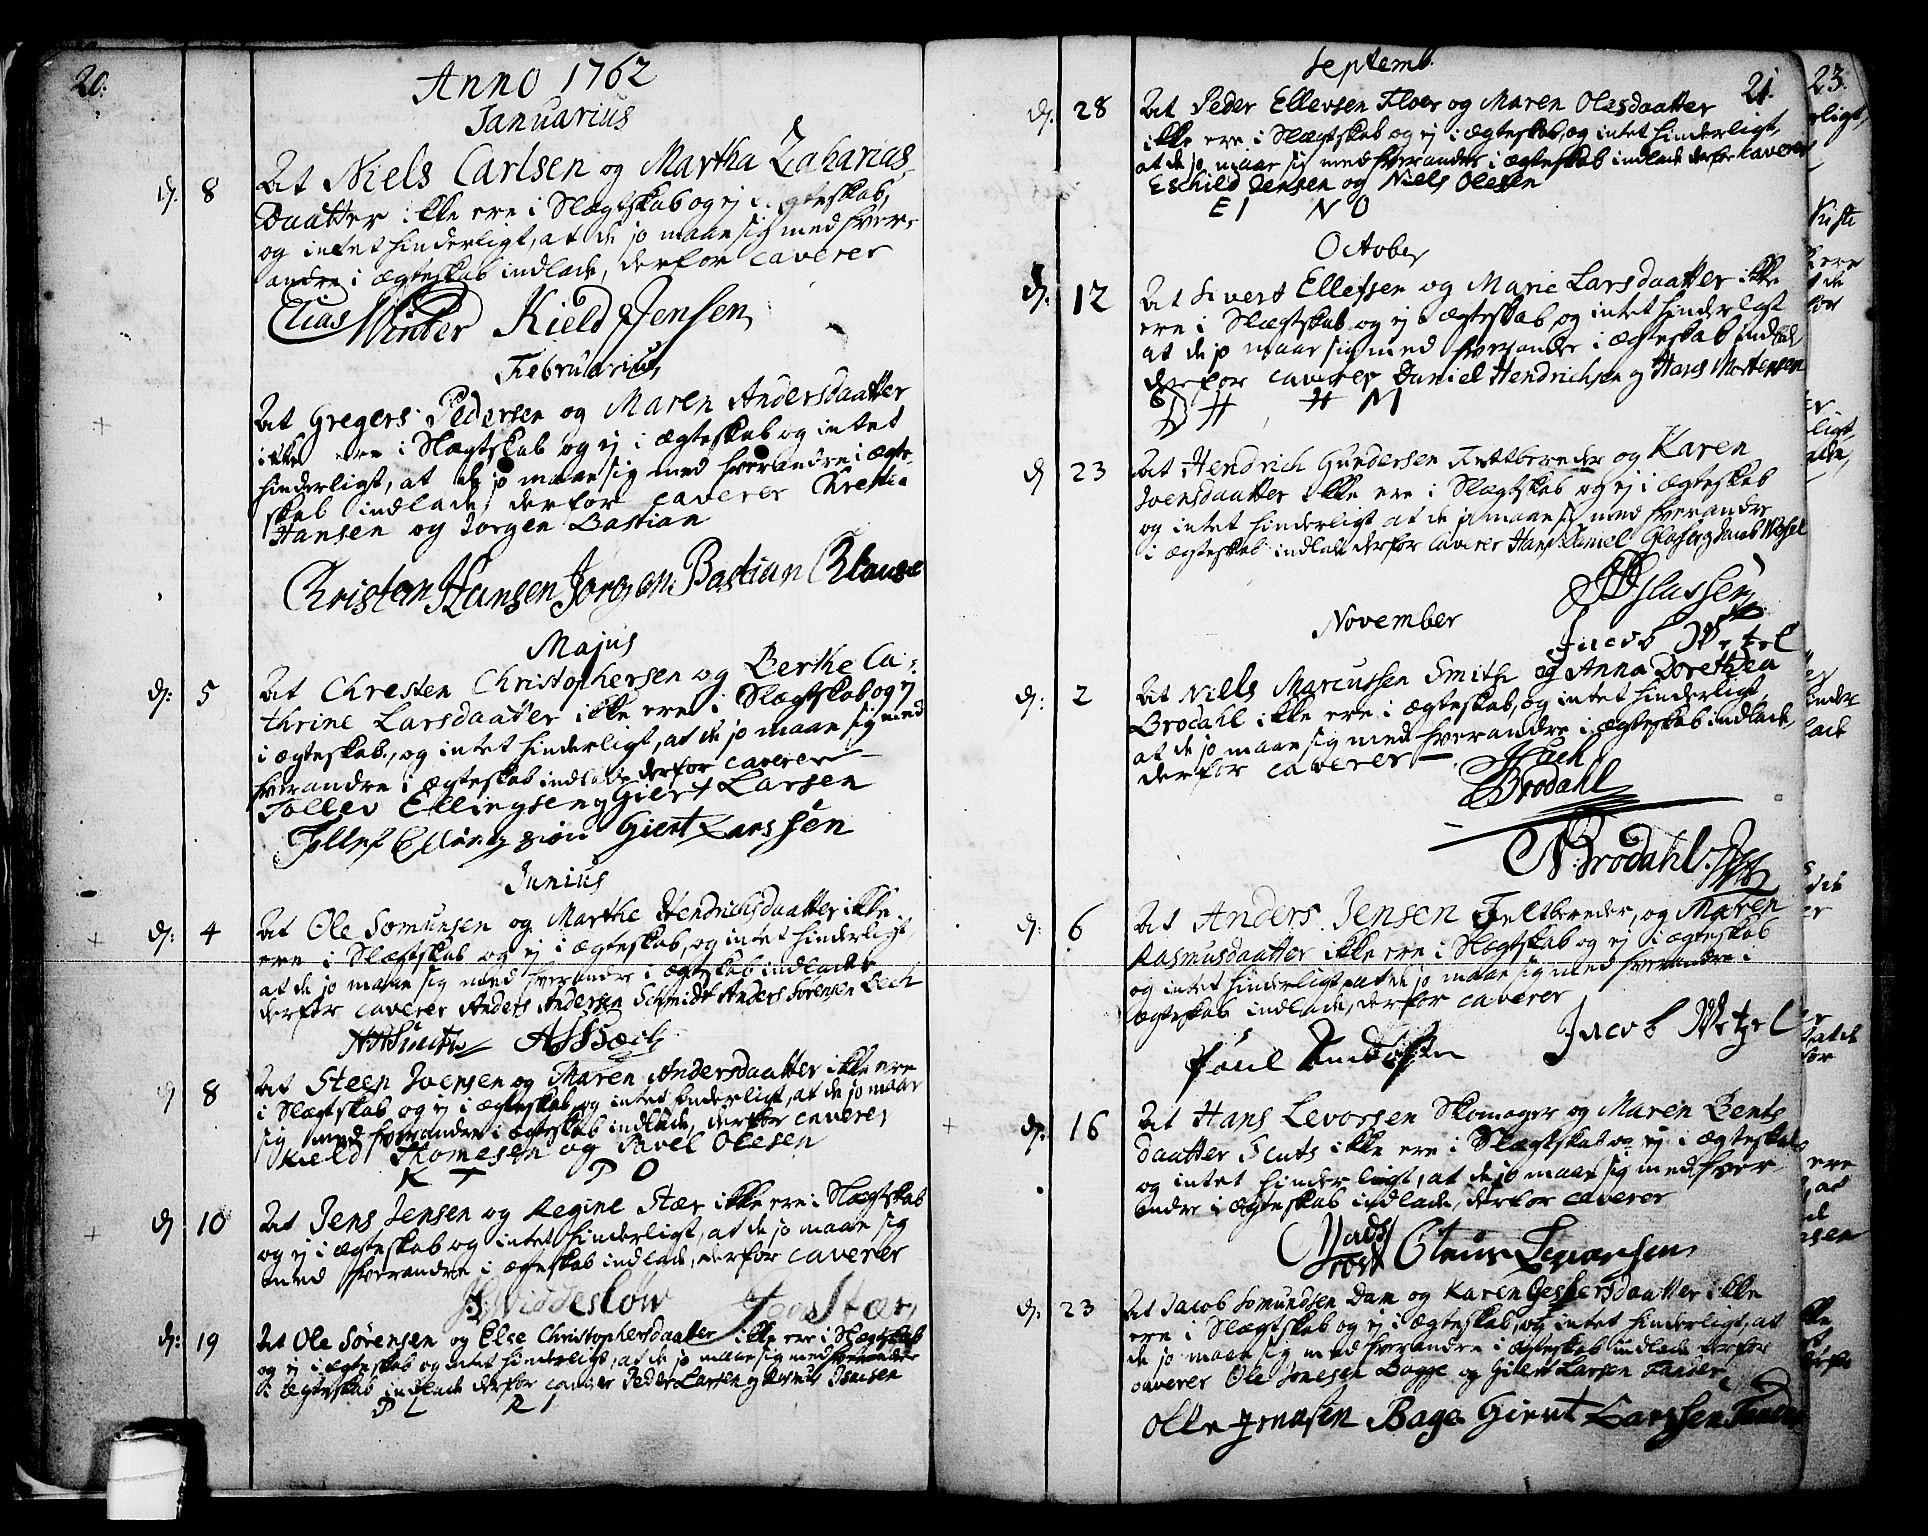 SAKO, Skien kirkebøker, F/Fa/L0003: Ministerialbok nr. 3, 1755-1791, s. 20-21